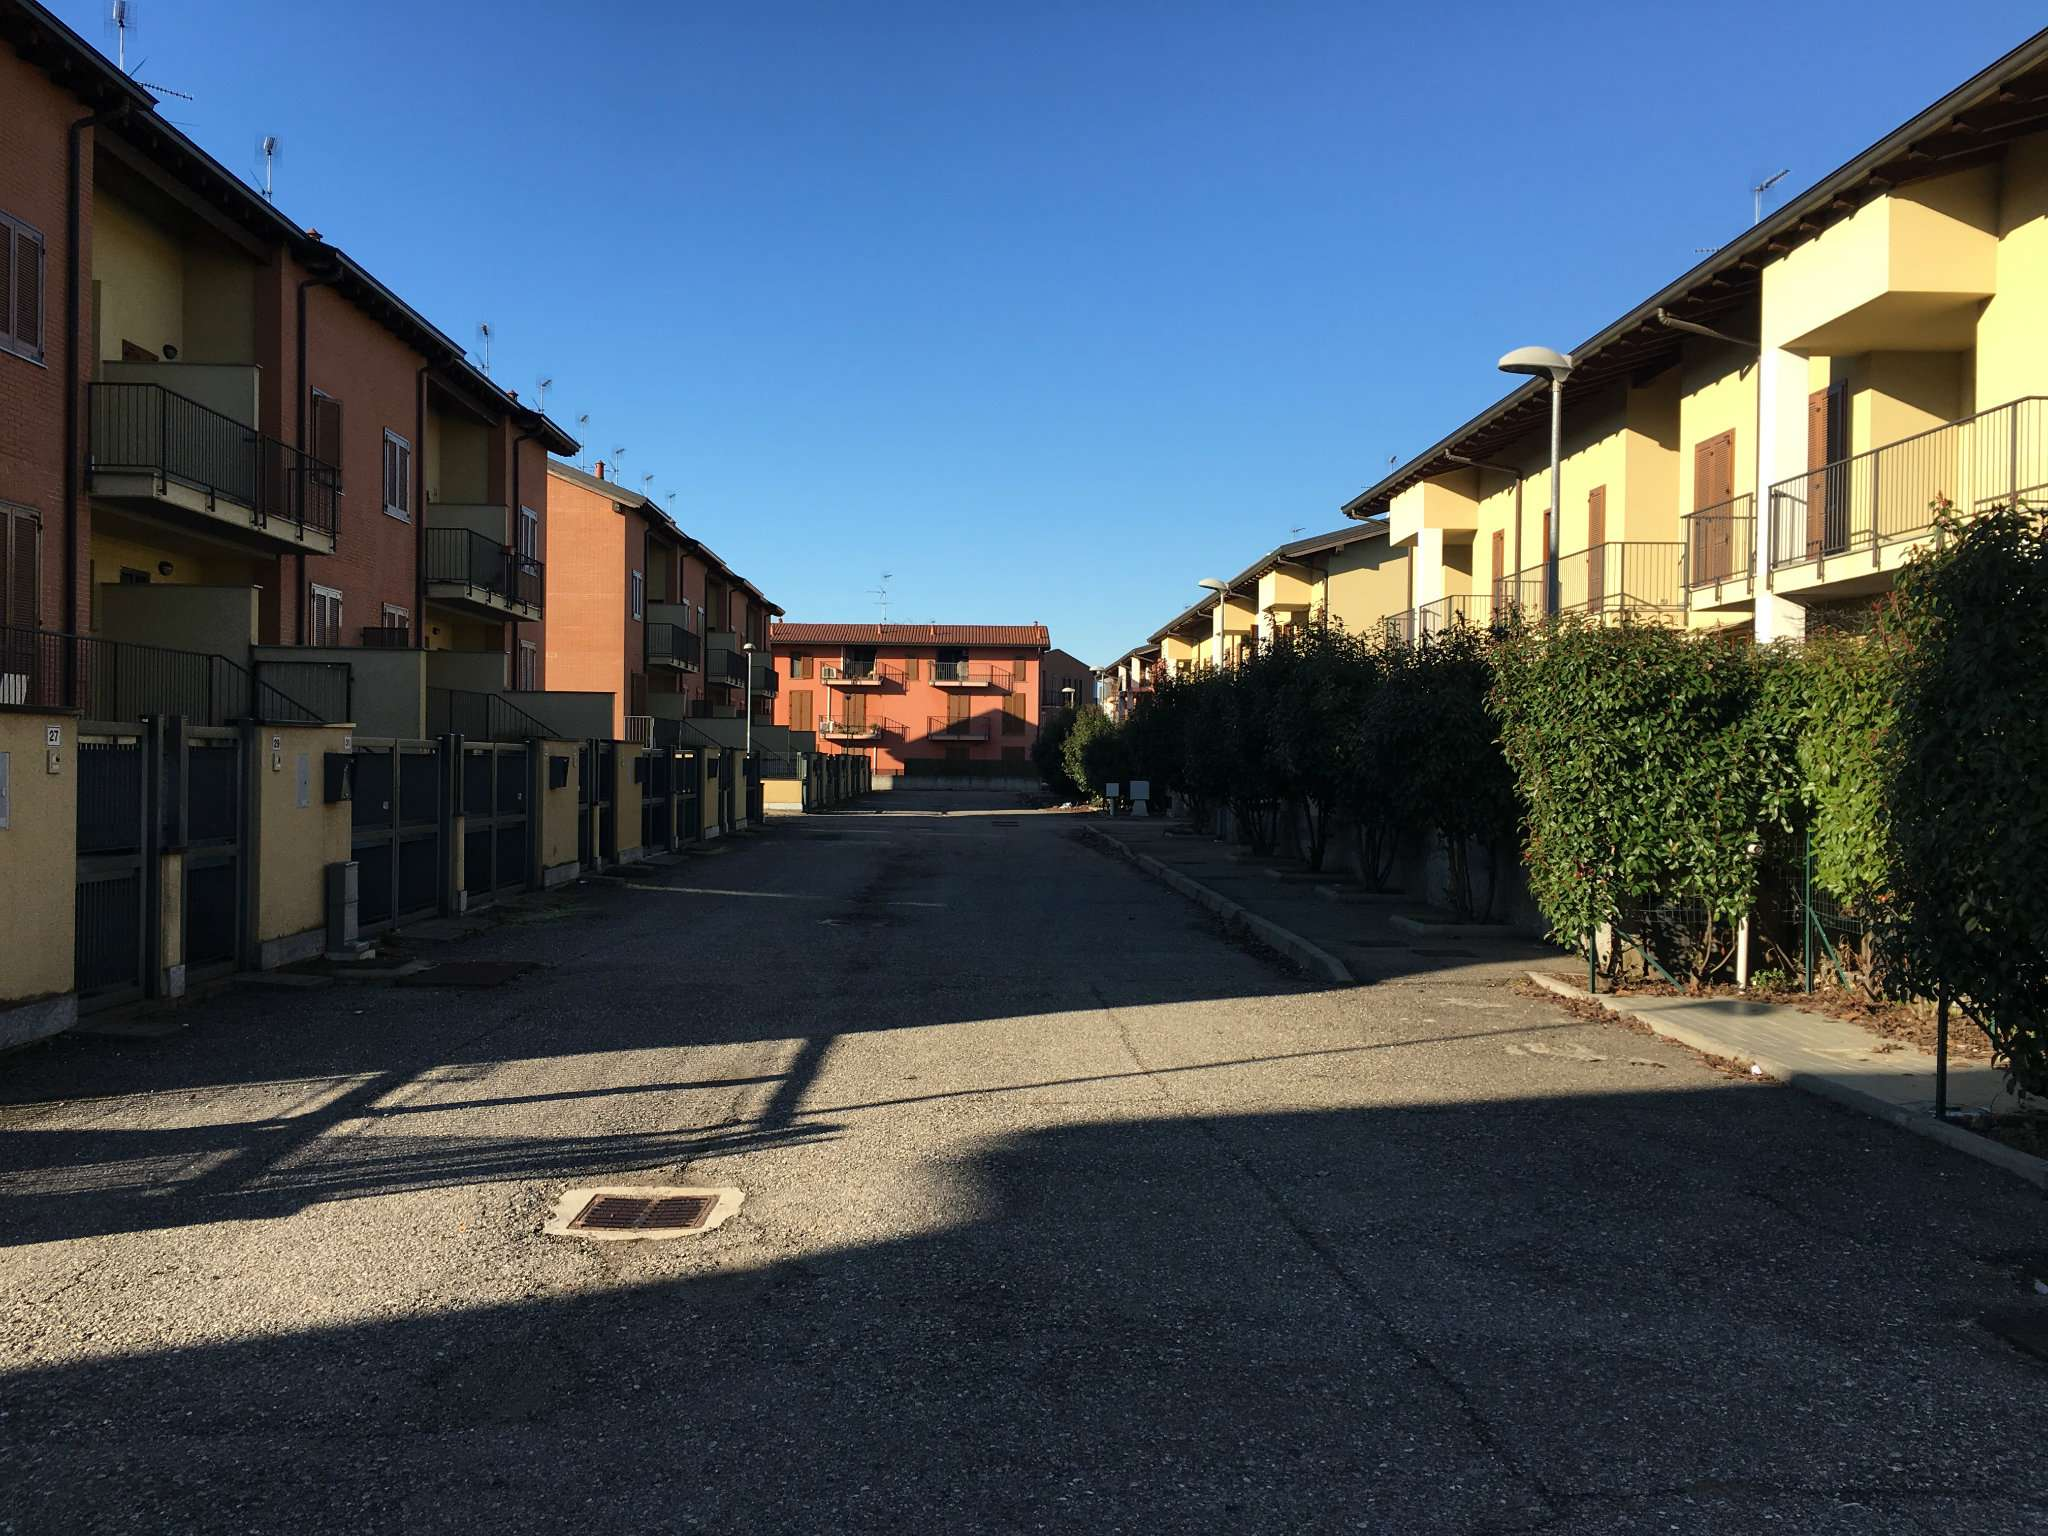 Appartamento in vendita a Corbetta, 4 locali, prezzo € 137.000 | CambioCasa.it